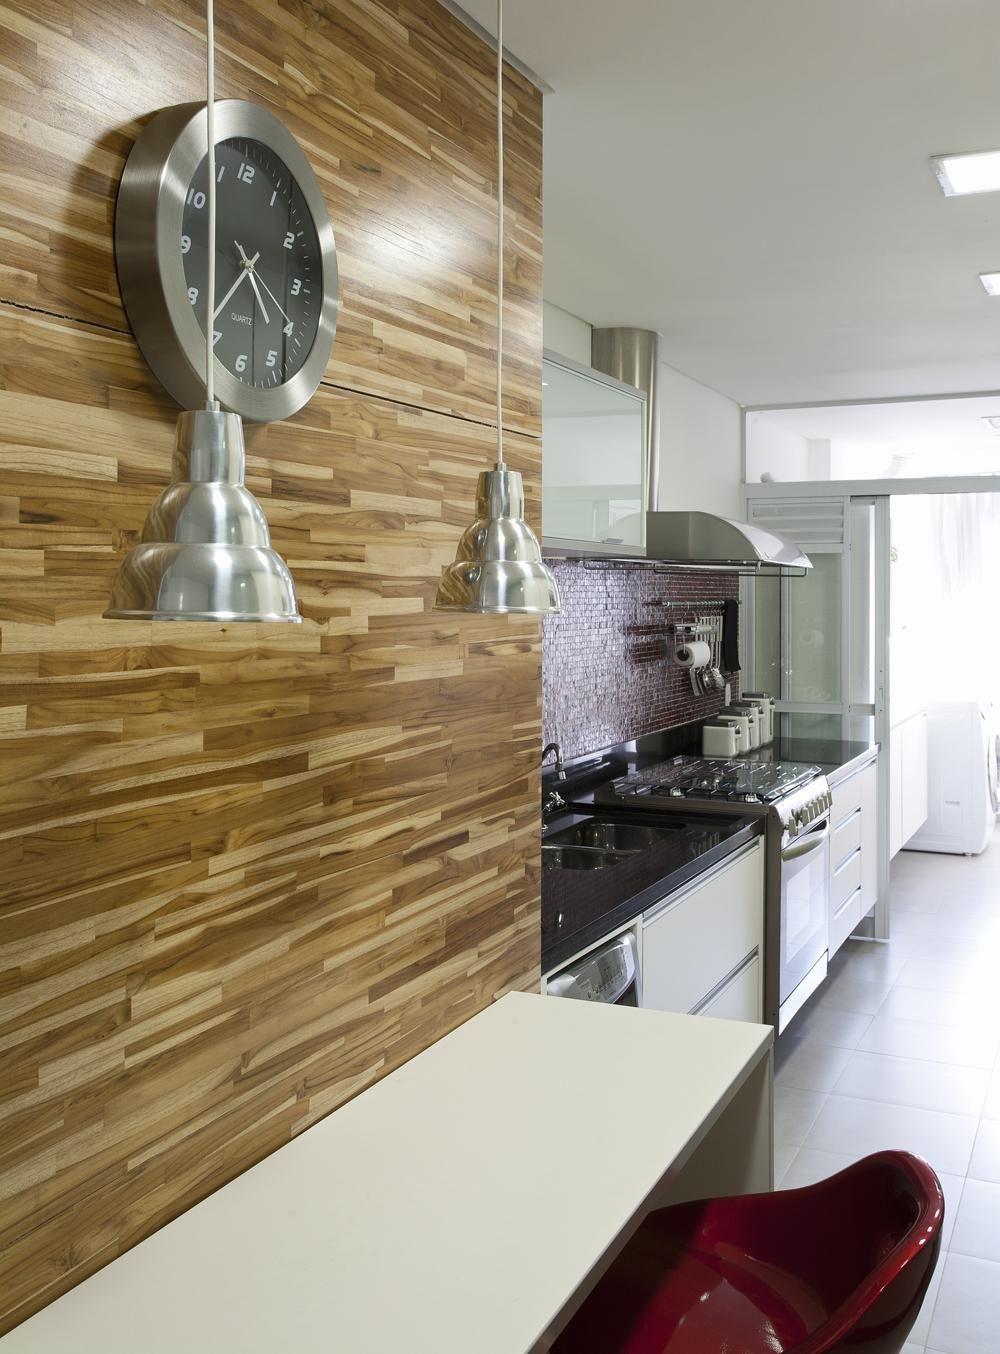 Cozinha Com Pastilhas De Vidro De Paula Bittar 25226 No Viva Decora